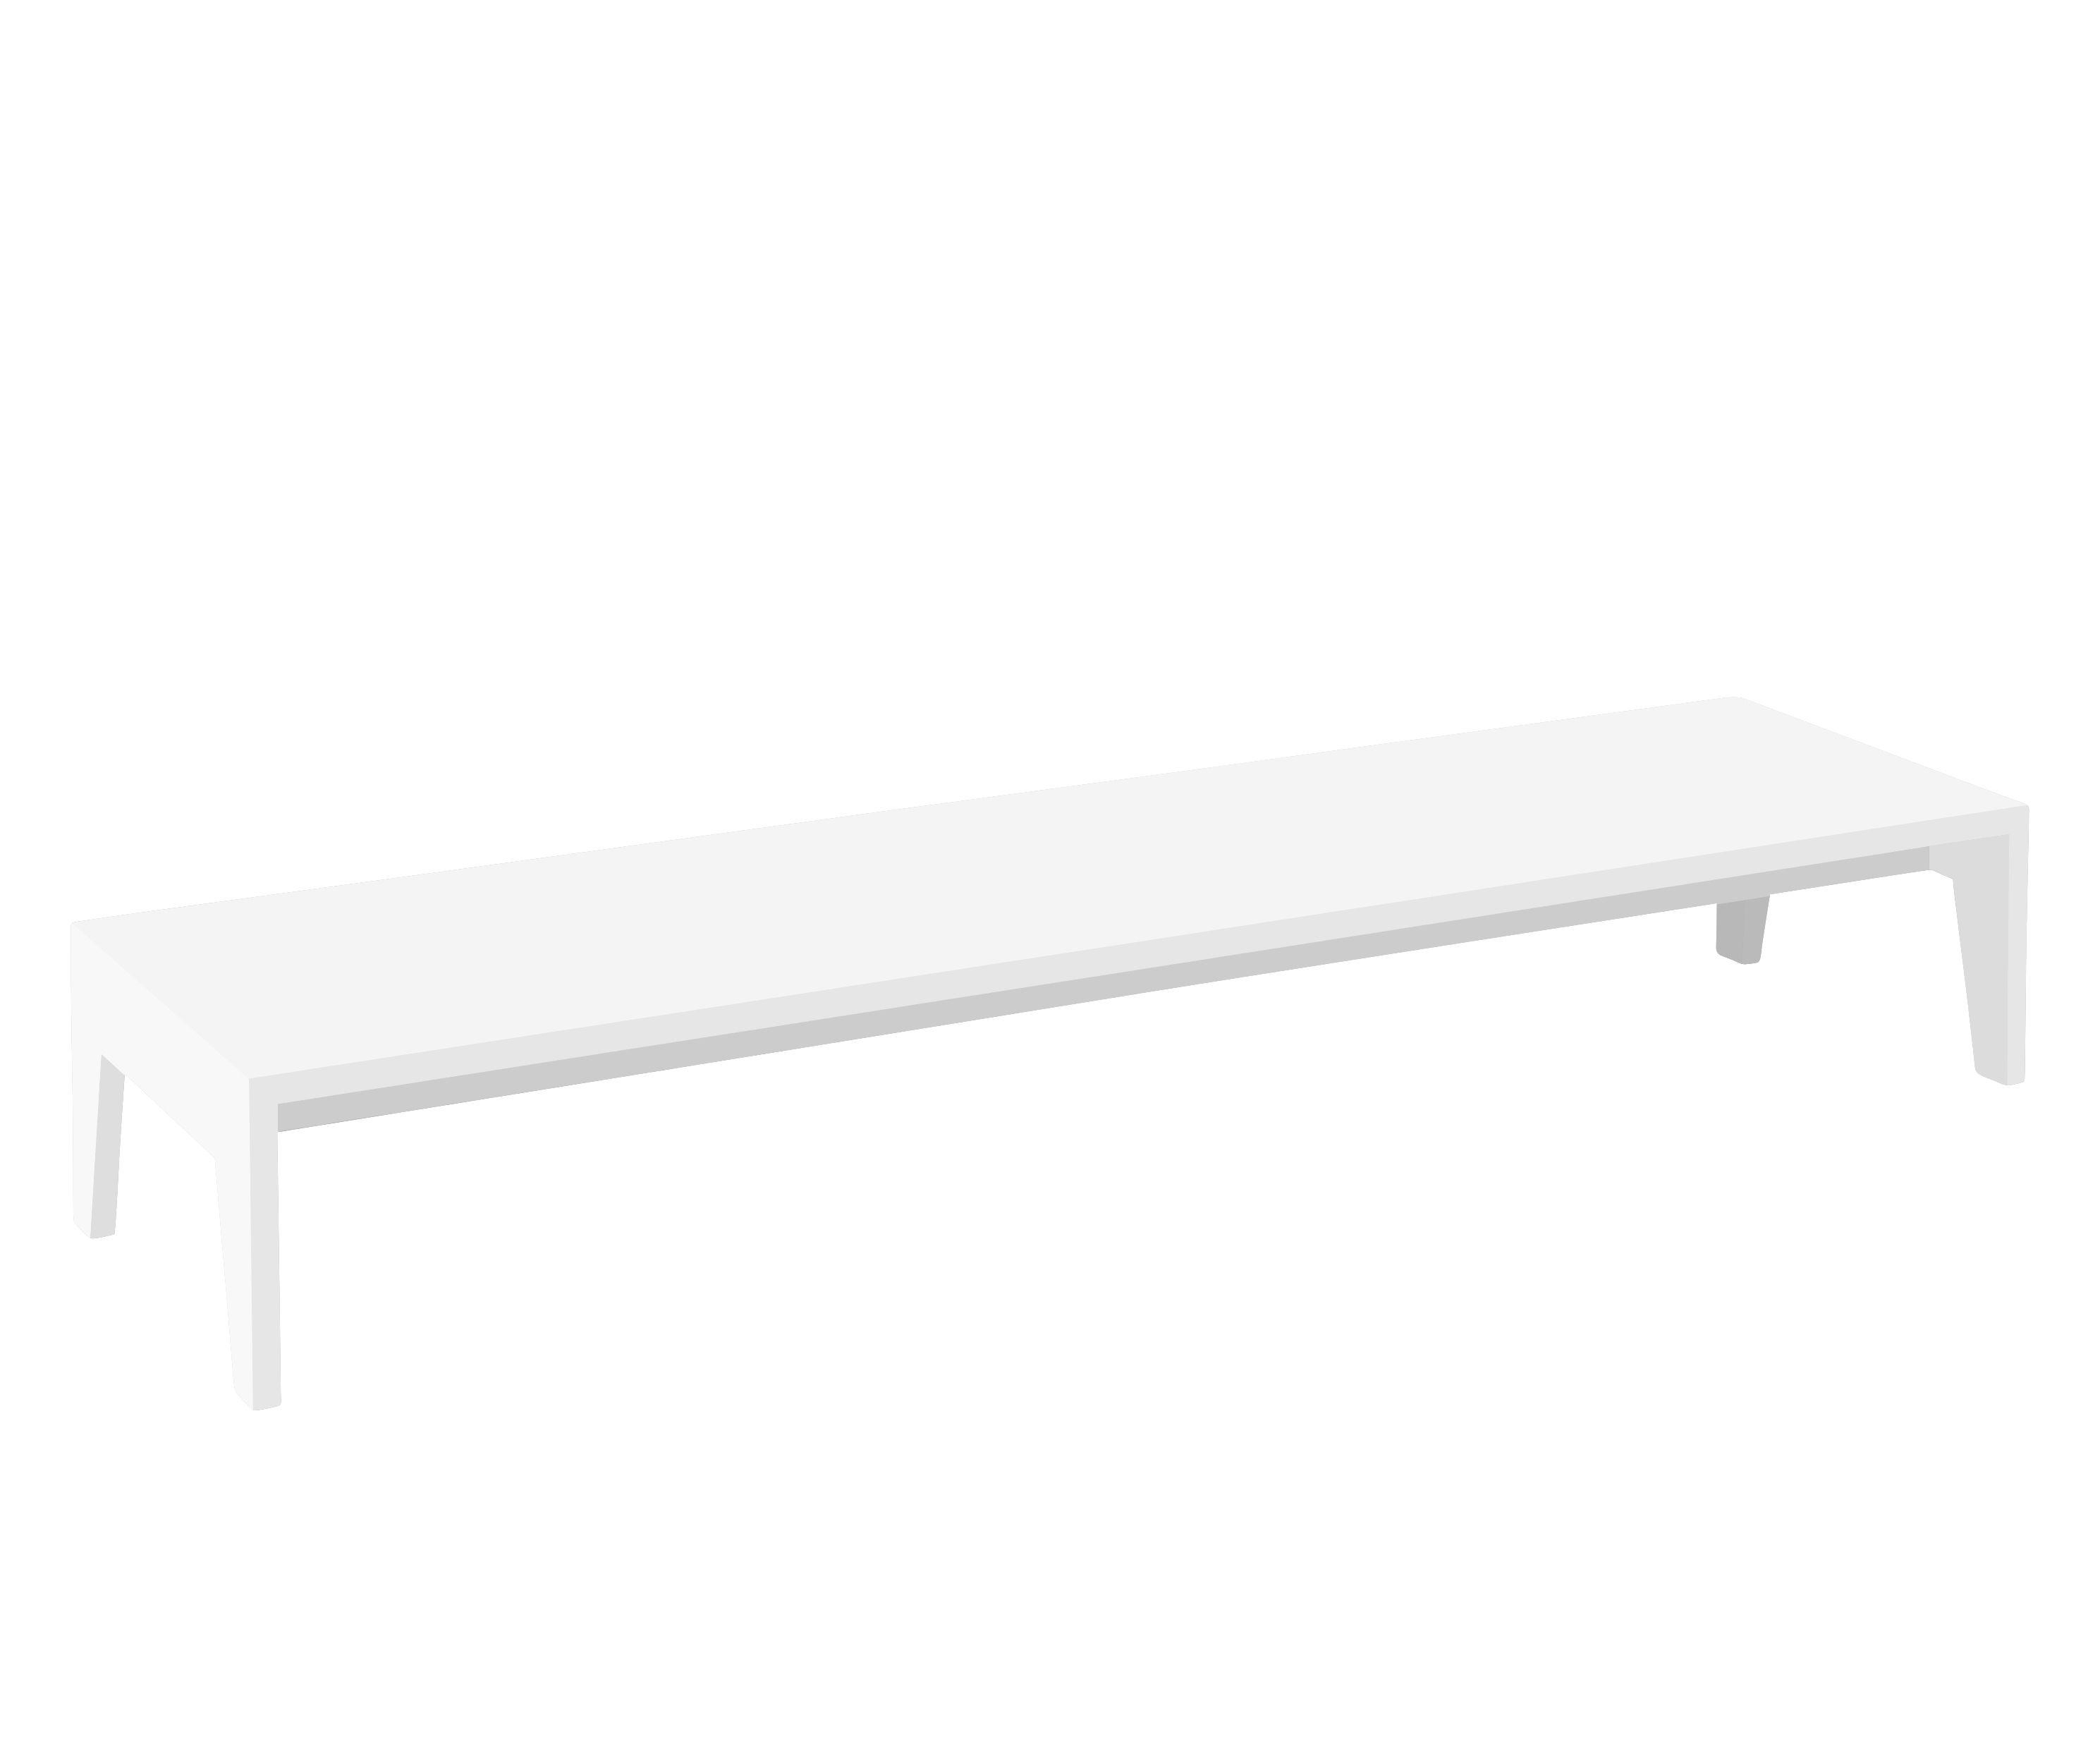 Mobilier - Compléments d'ameublement - Base Podium pour étagères Stacked - Muuto - Blanc - MDF peint